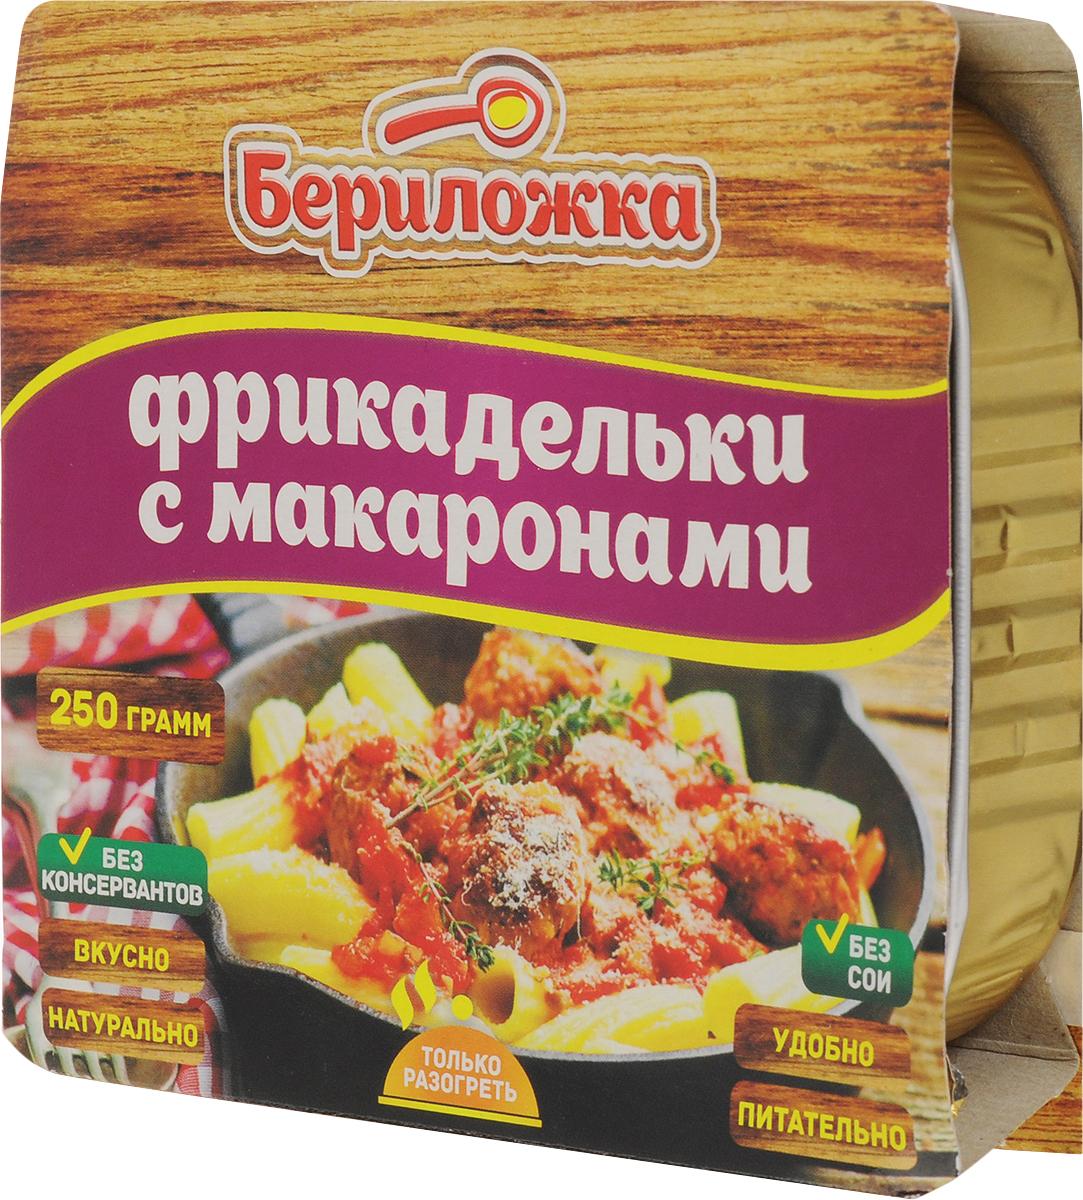 Бериложка фрикадельки с макаронами, 250 г